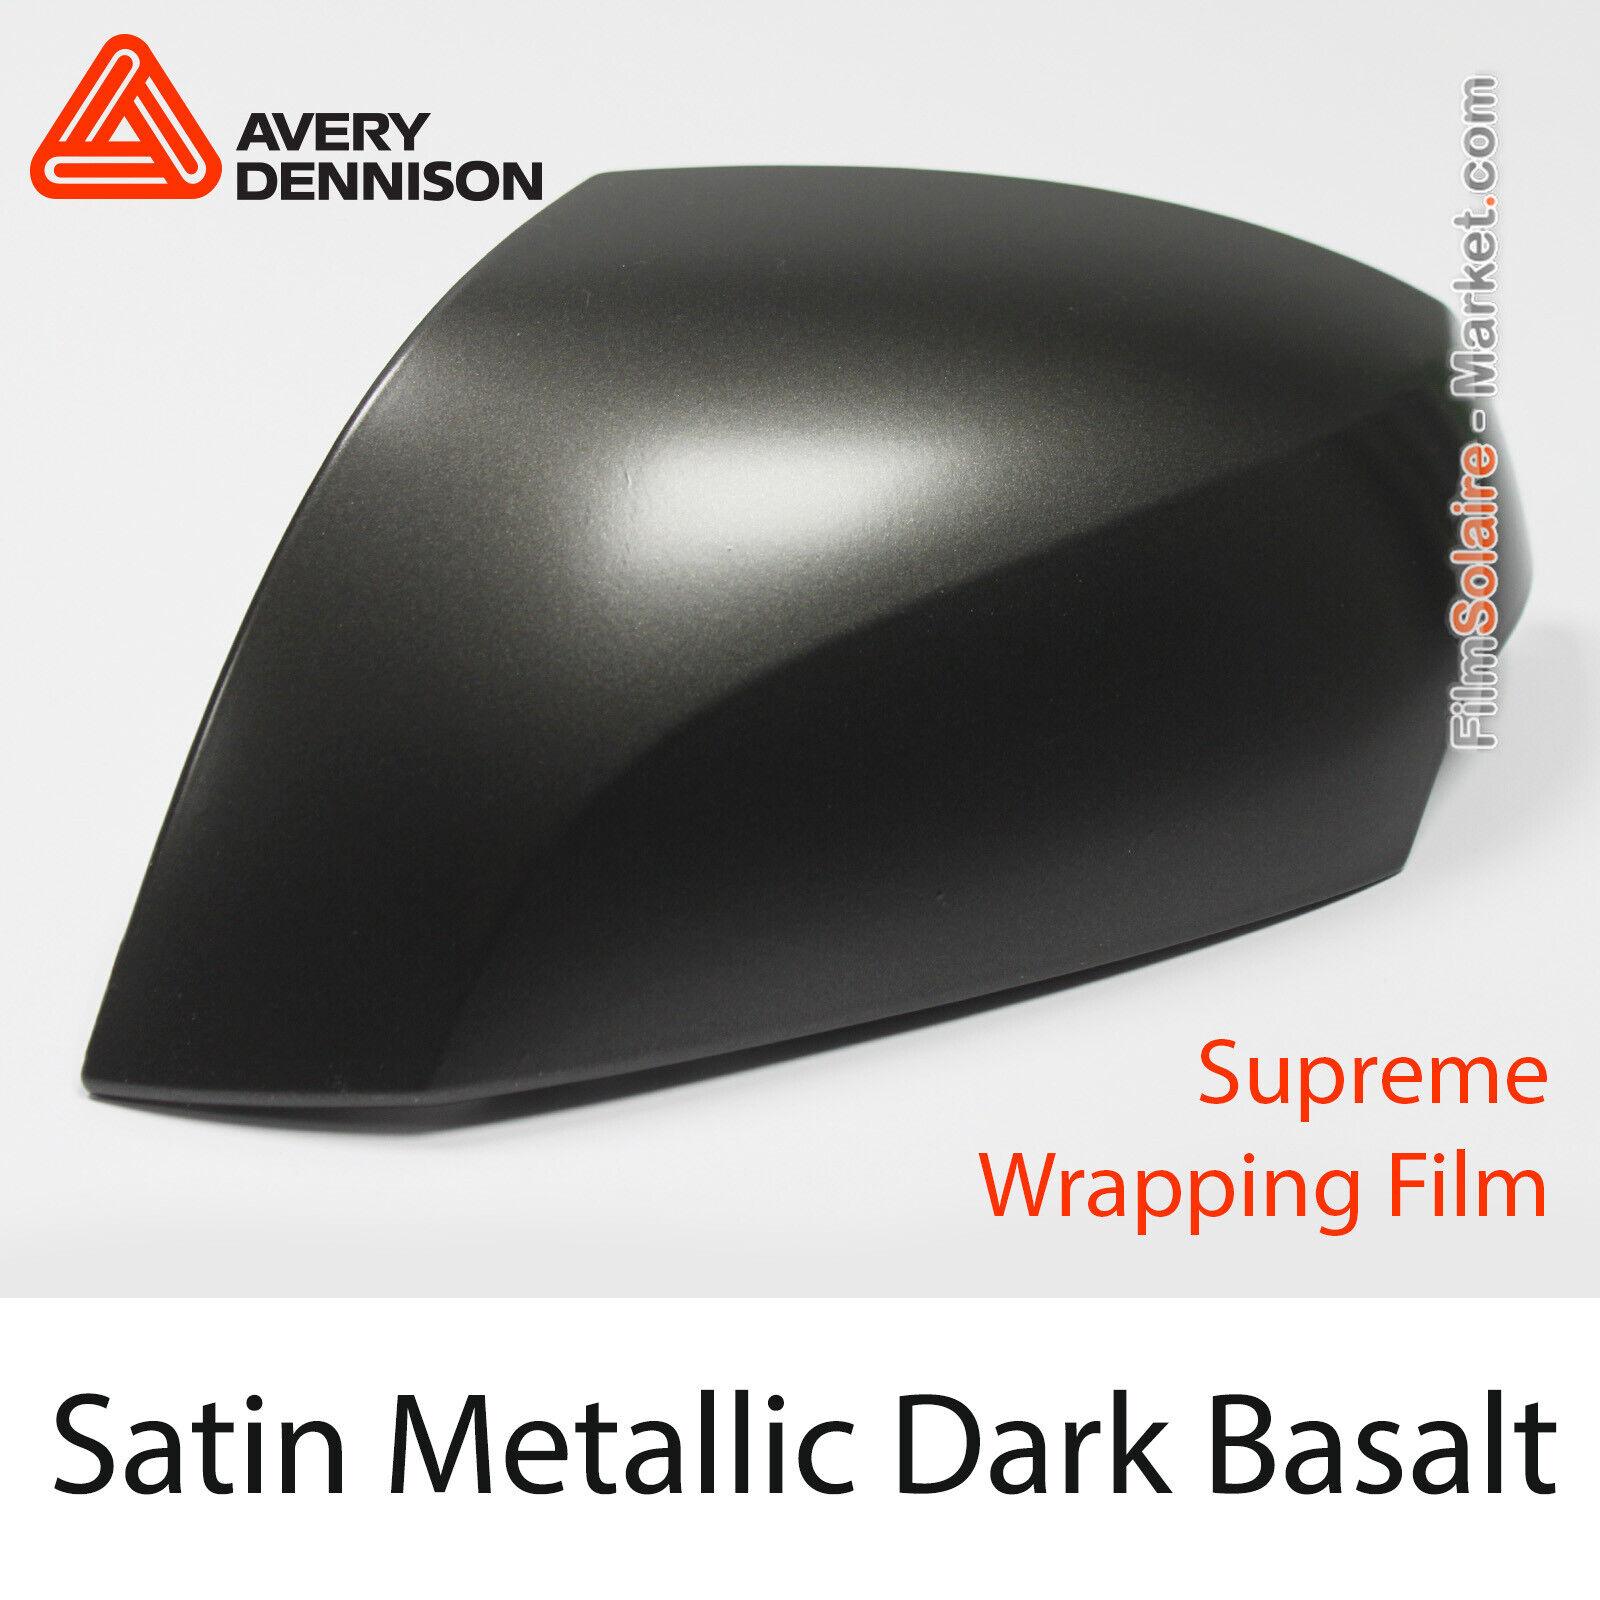 Satén Metálico Dark Basalt, Avery Dennison Supreme Vinil Lámina, Bp1090001